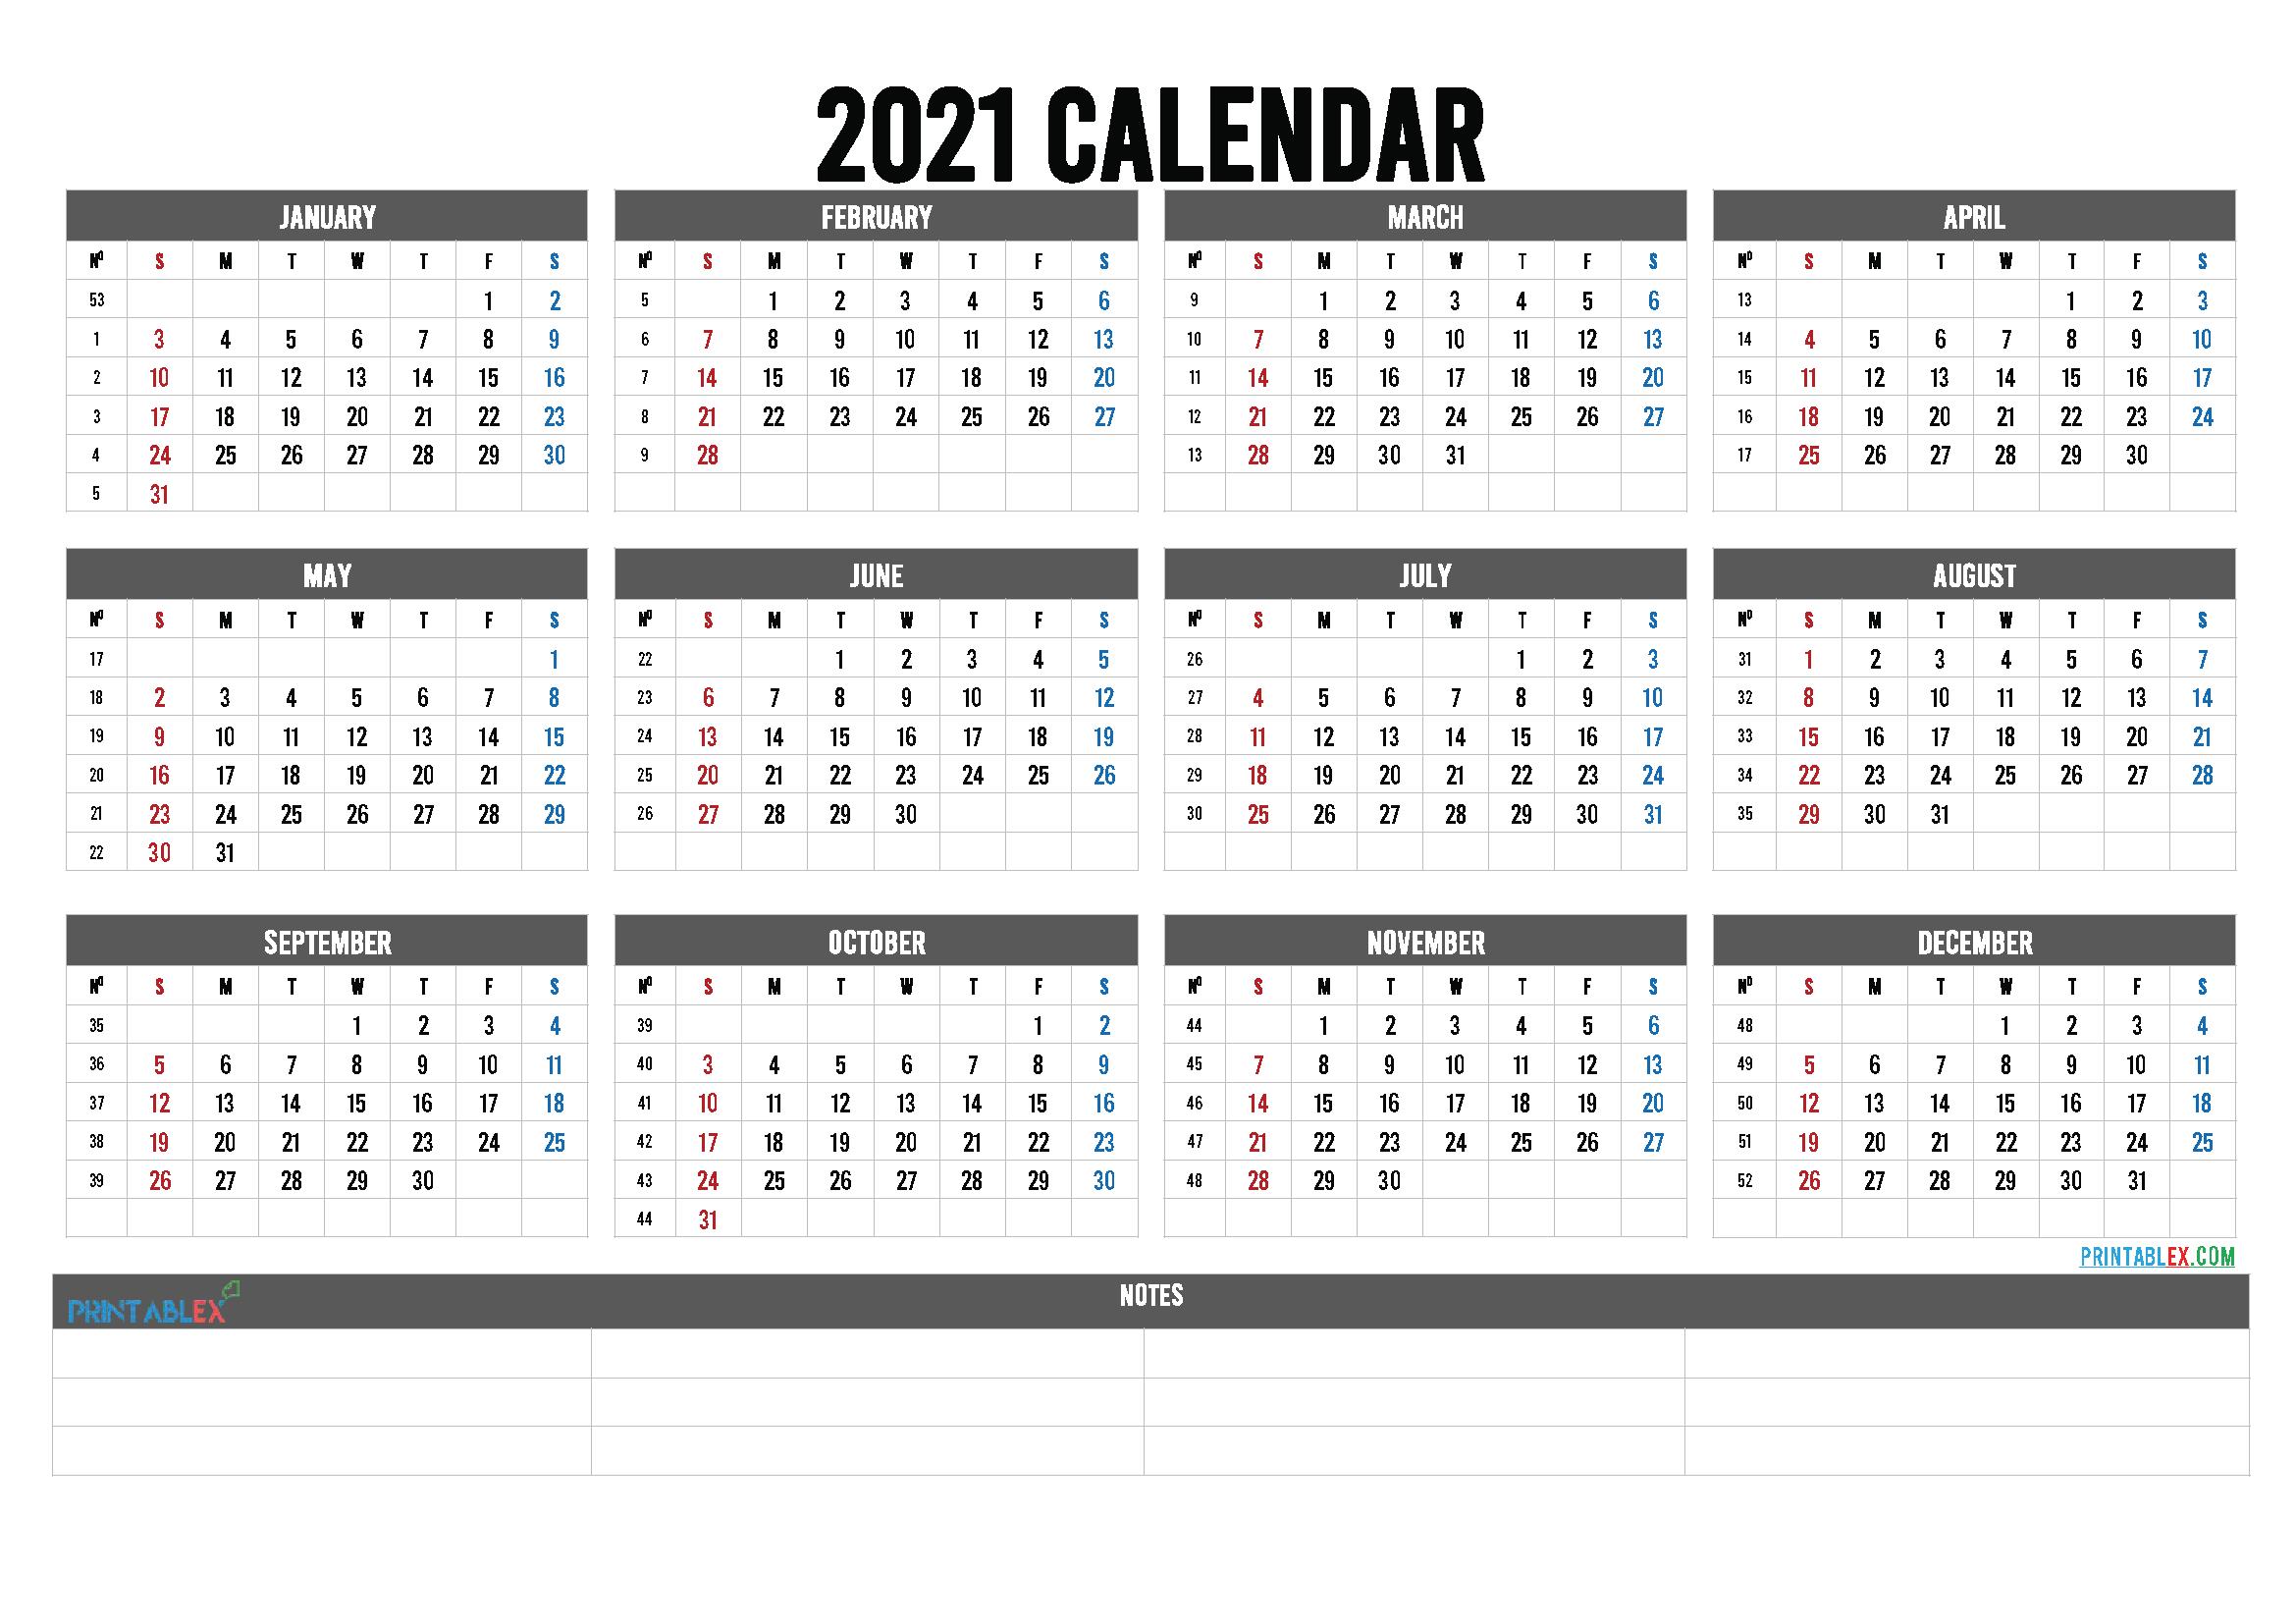 2021 Calendar with Week Numbers Printable (Font: ketsa)